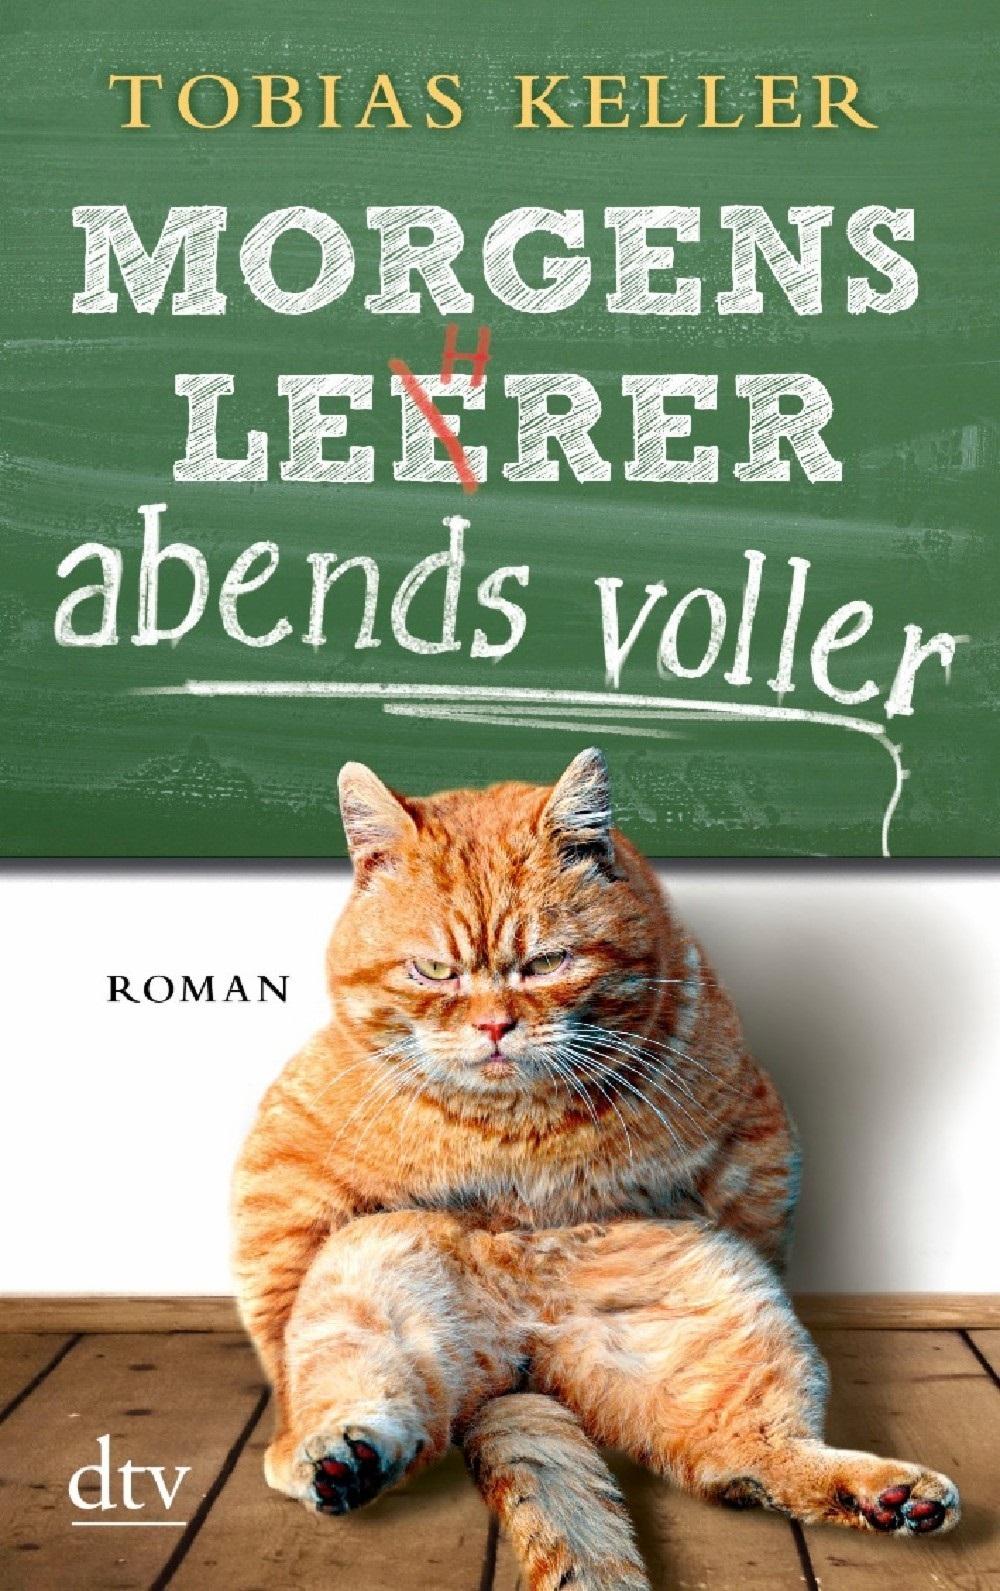 Morgens leerer, abends voller - Tobias Keller [...